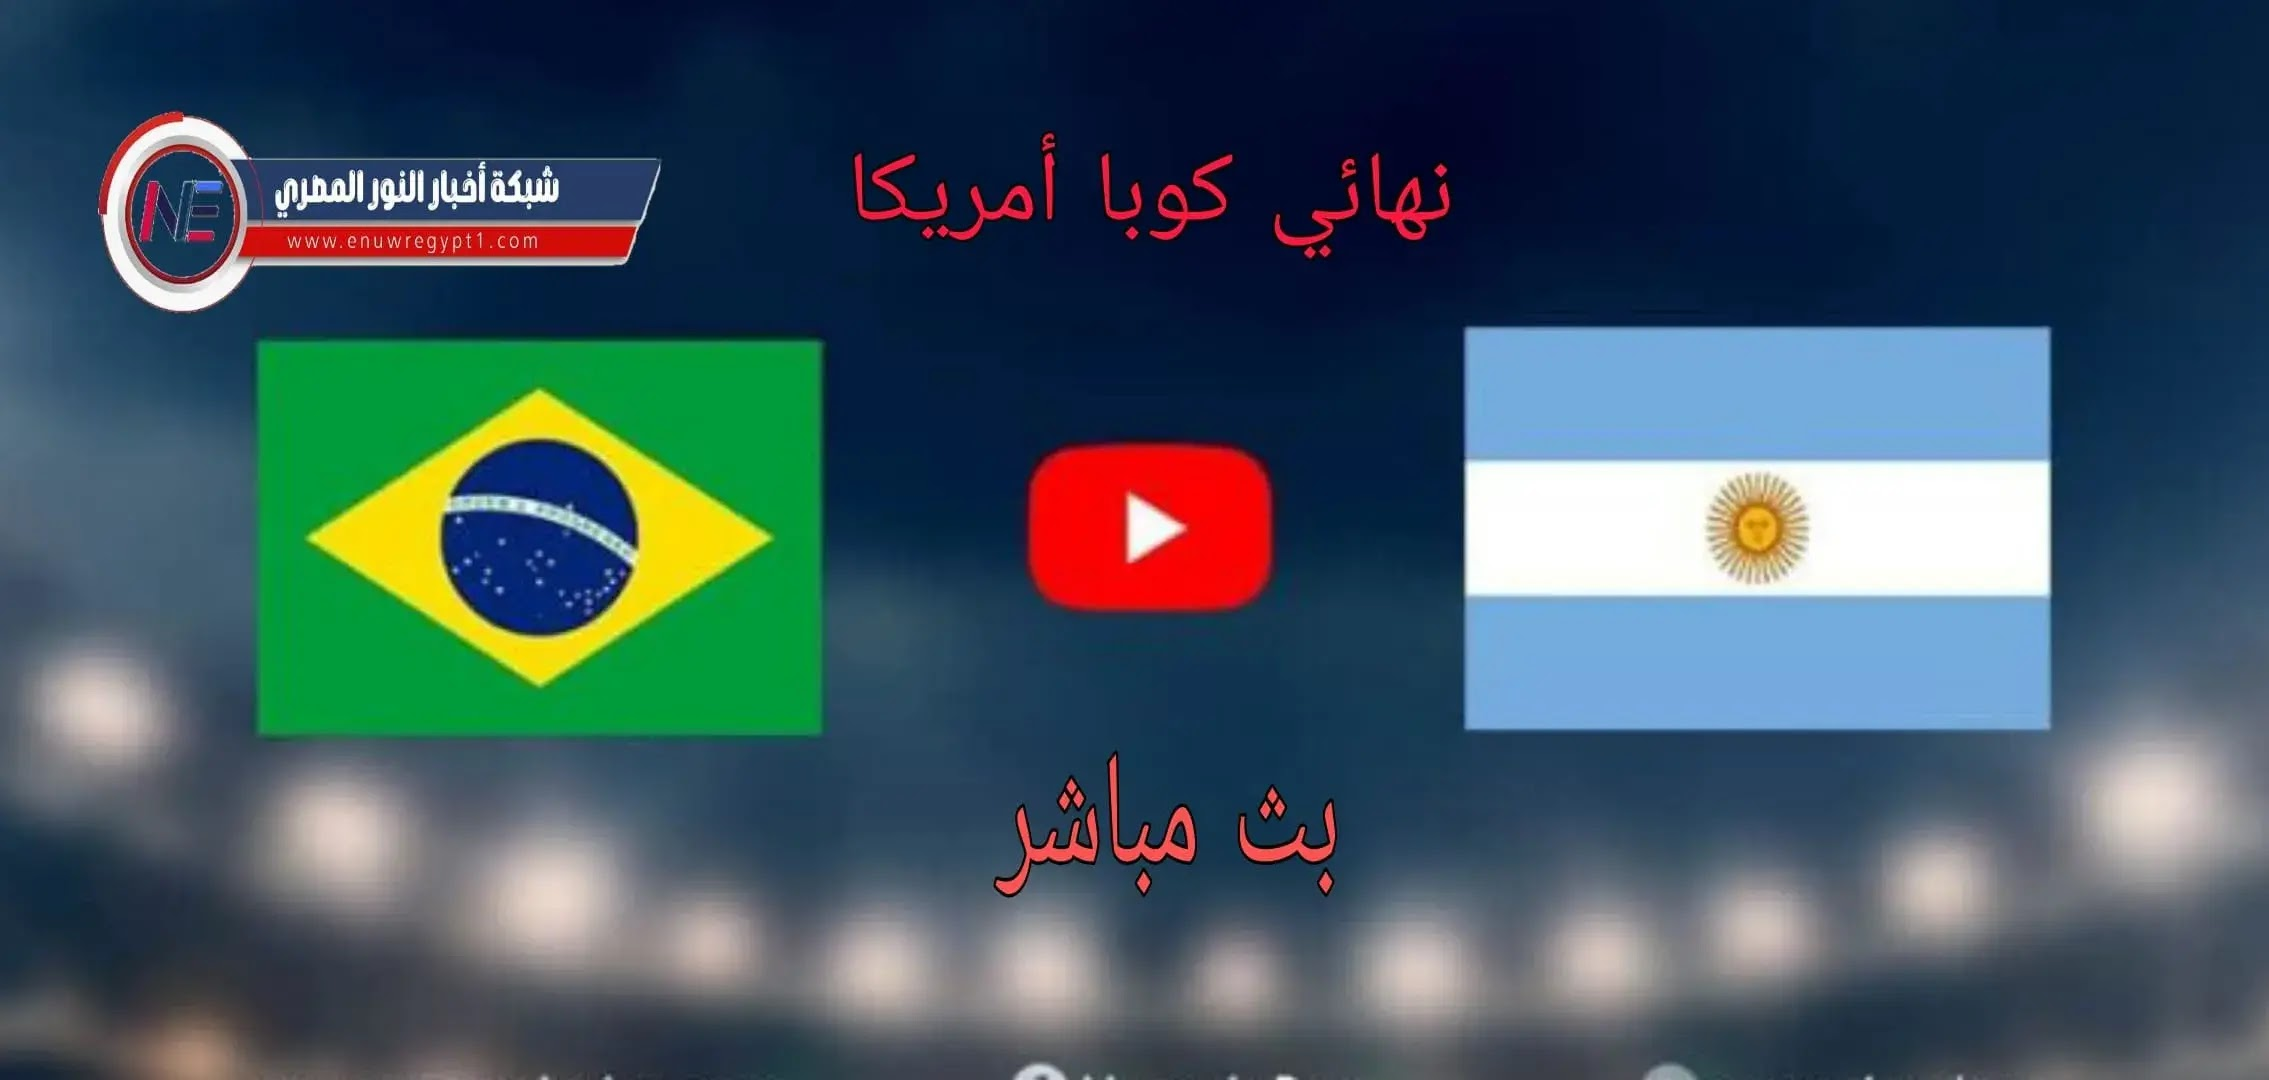 يلا شوت يوتيوب.. بث مباشر مباراة الارجنتين و البرازيل اليوم الاحد 11-07-2021 في نهائي بطولة كوبا أمريكا 2021 لايف الان بجودة عالية بدون تقطيع نهائيا بتعليق صوتي عربي